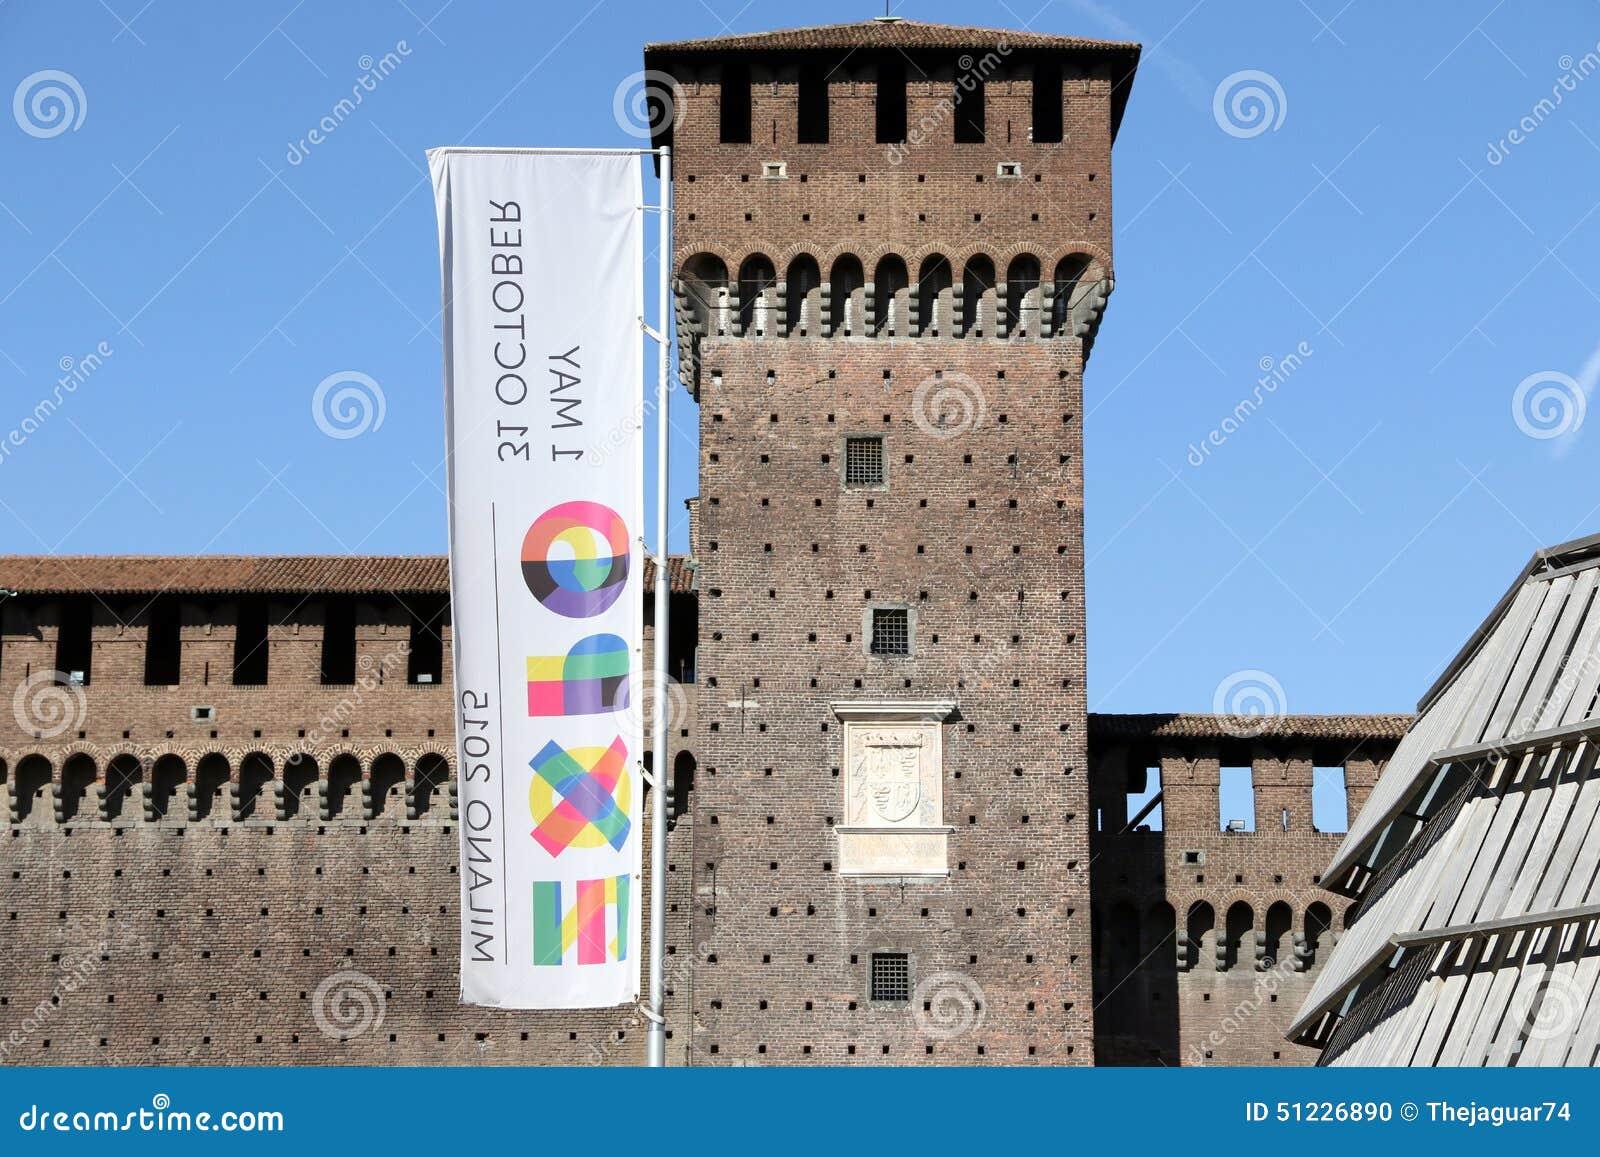 Milano,milan castello sforzesco expo official flag